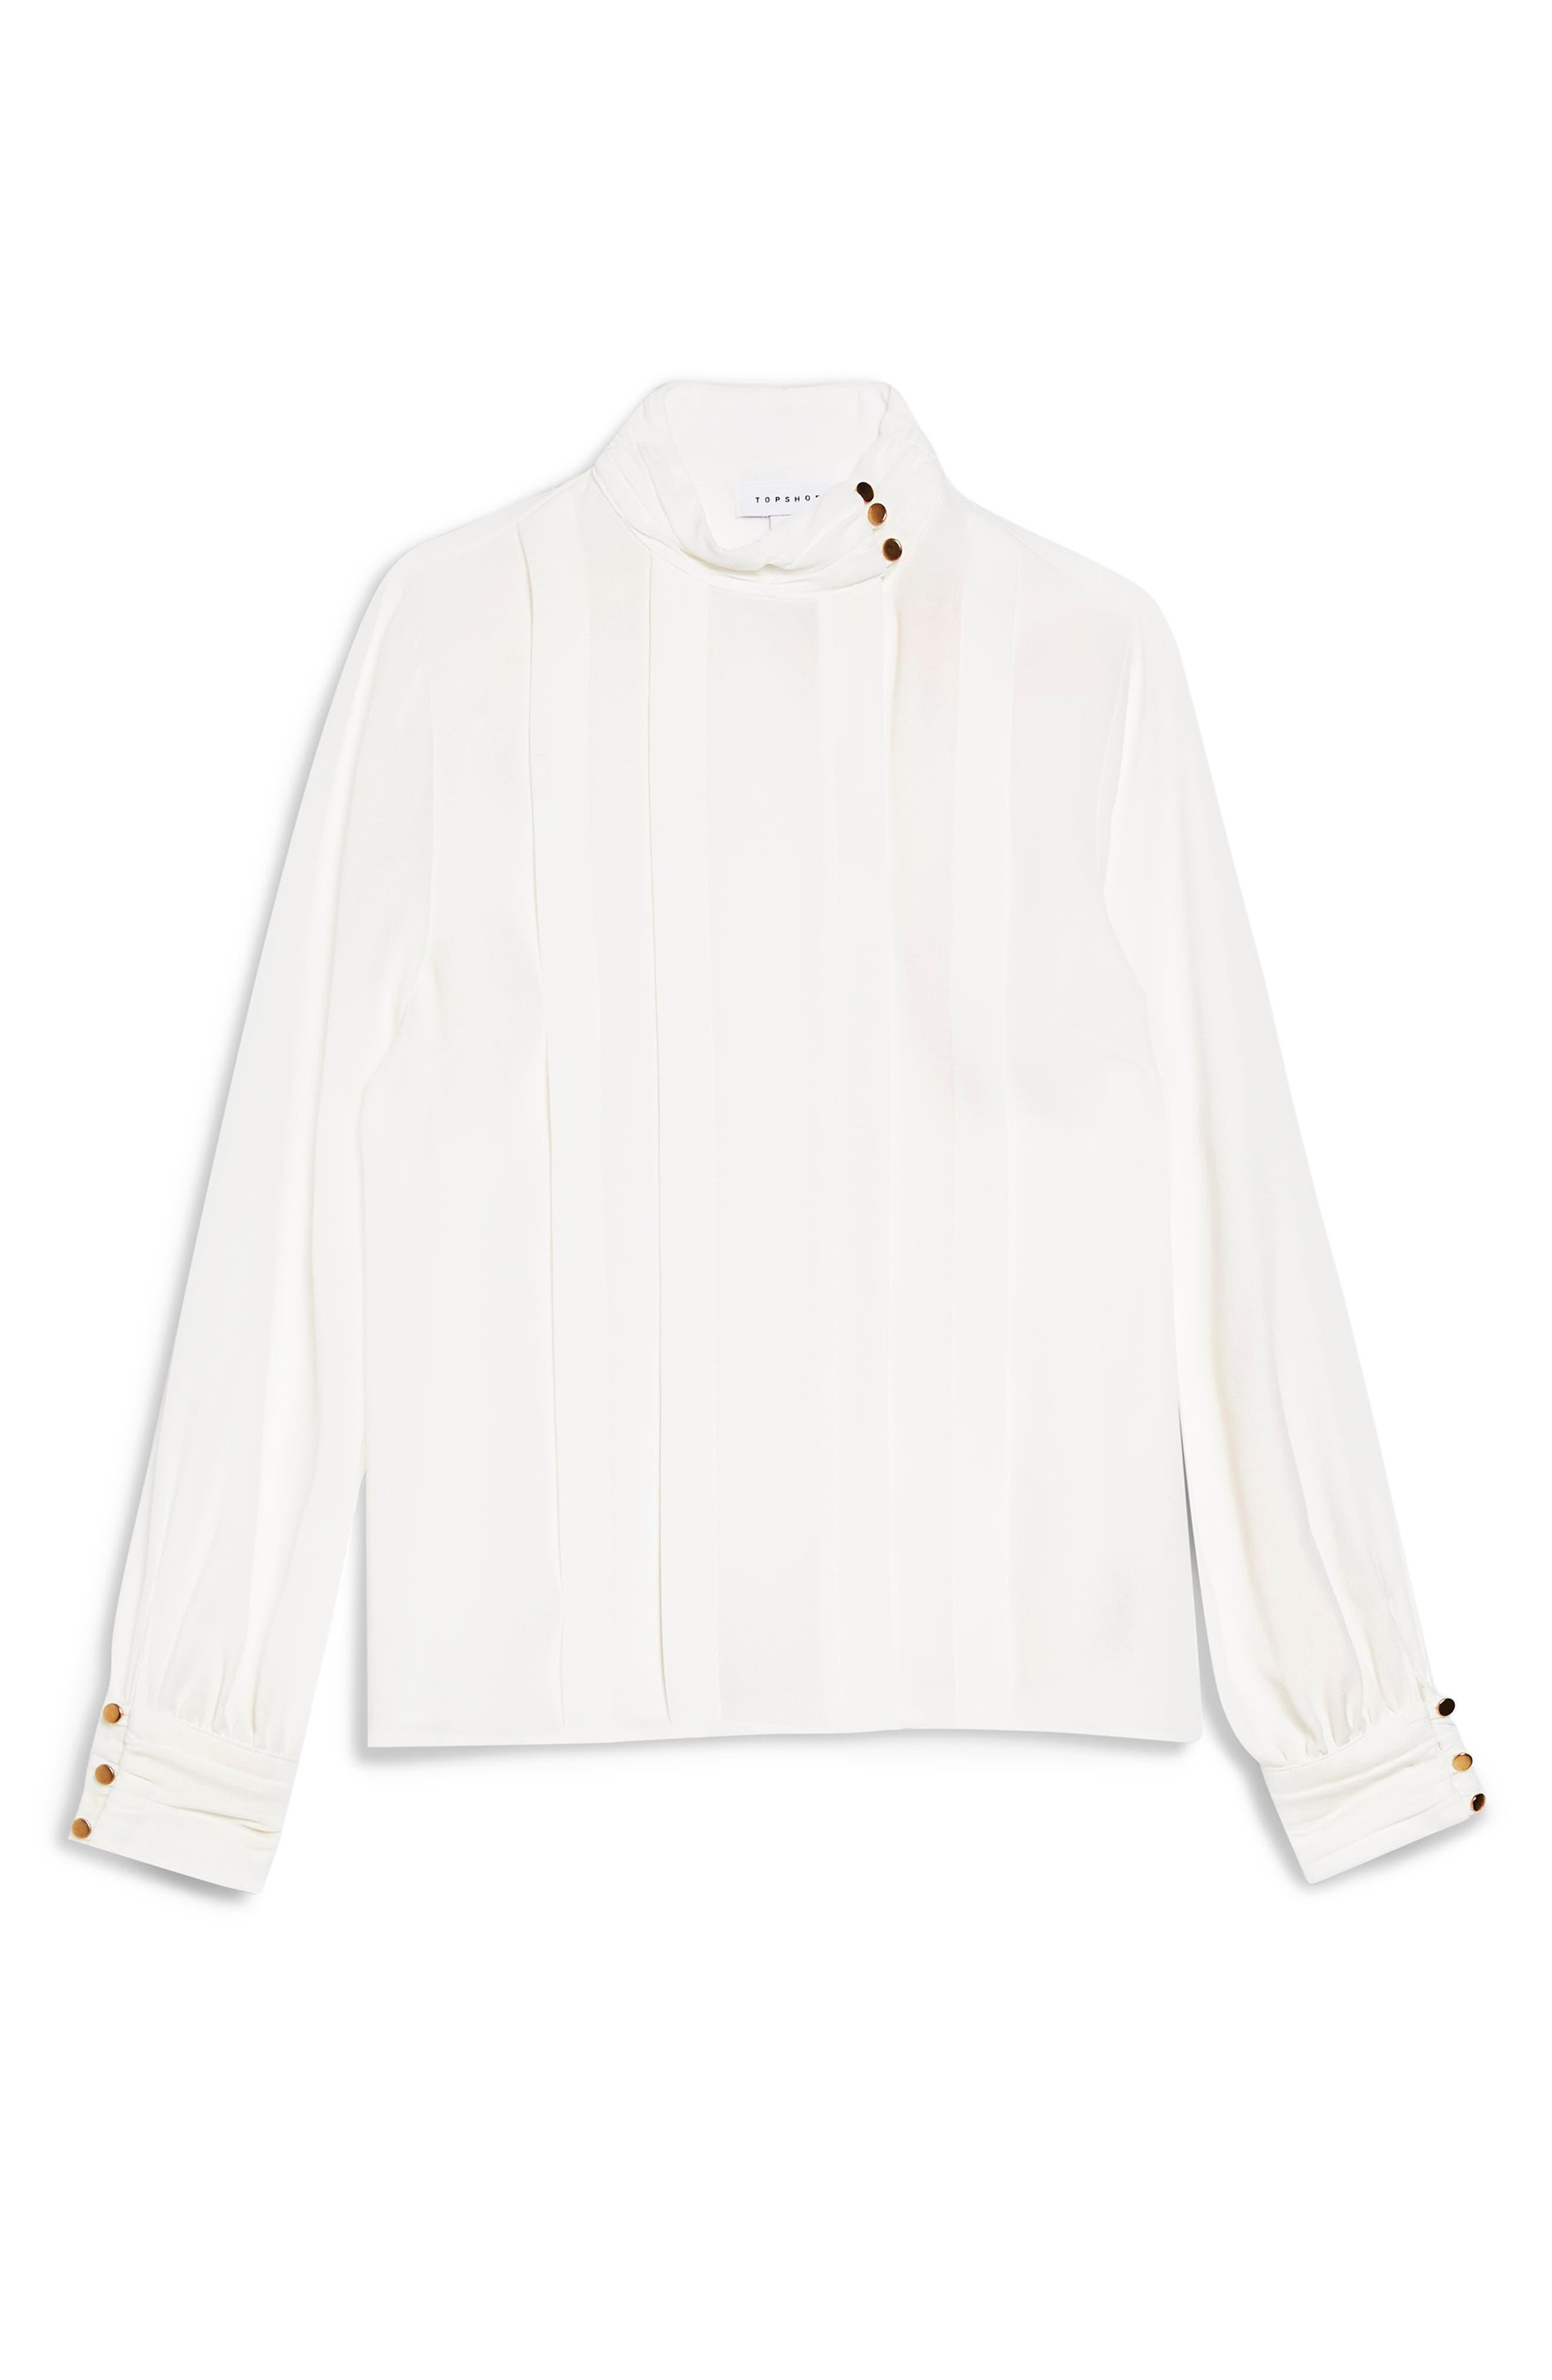 TOPSHOP, Pleat Button Neck Shirt, Alternate thumbnail 4, color, 900